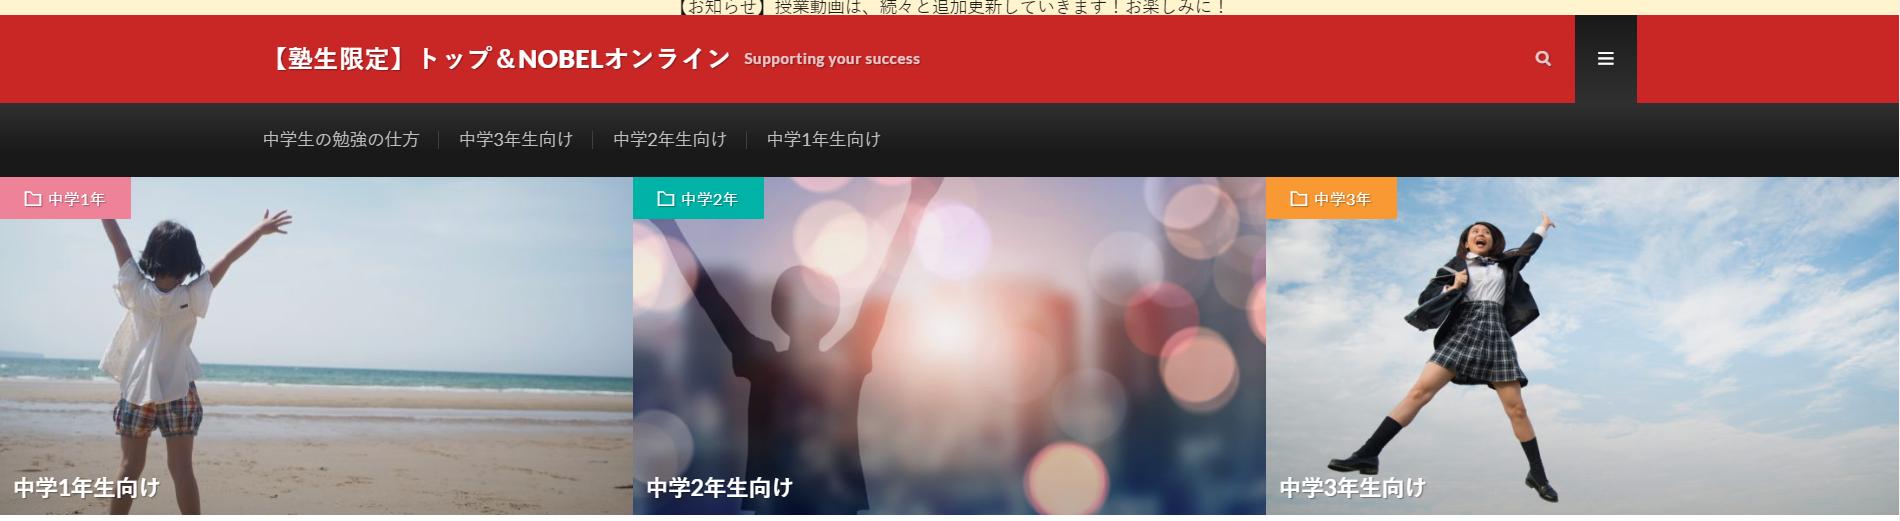 オンライン授業サイト入口